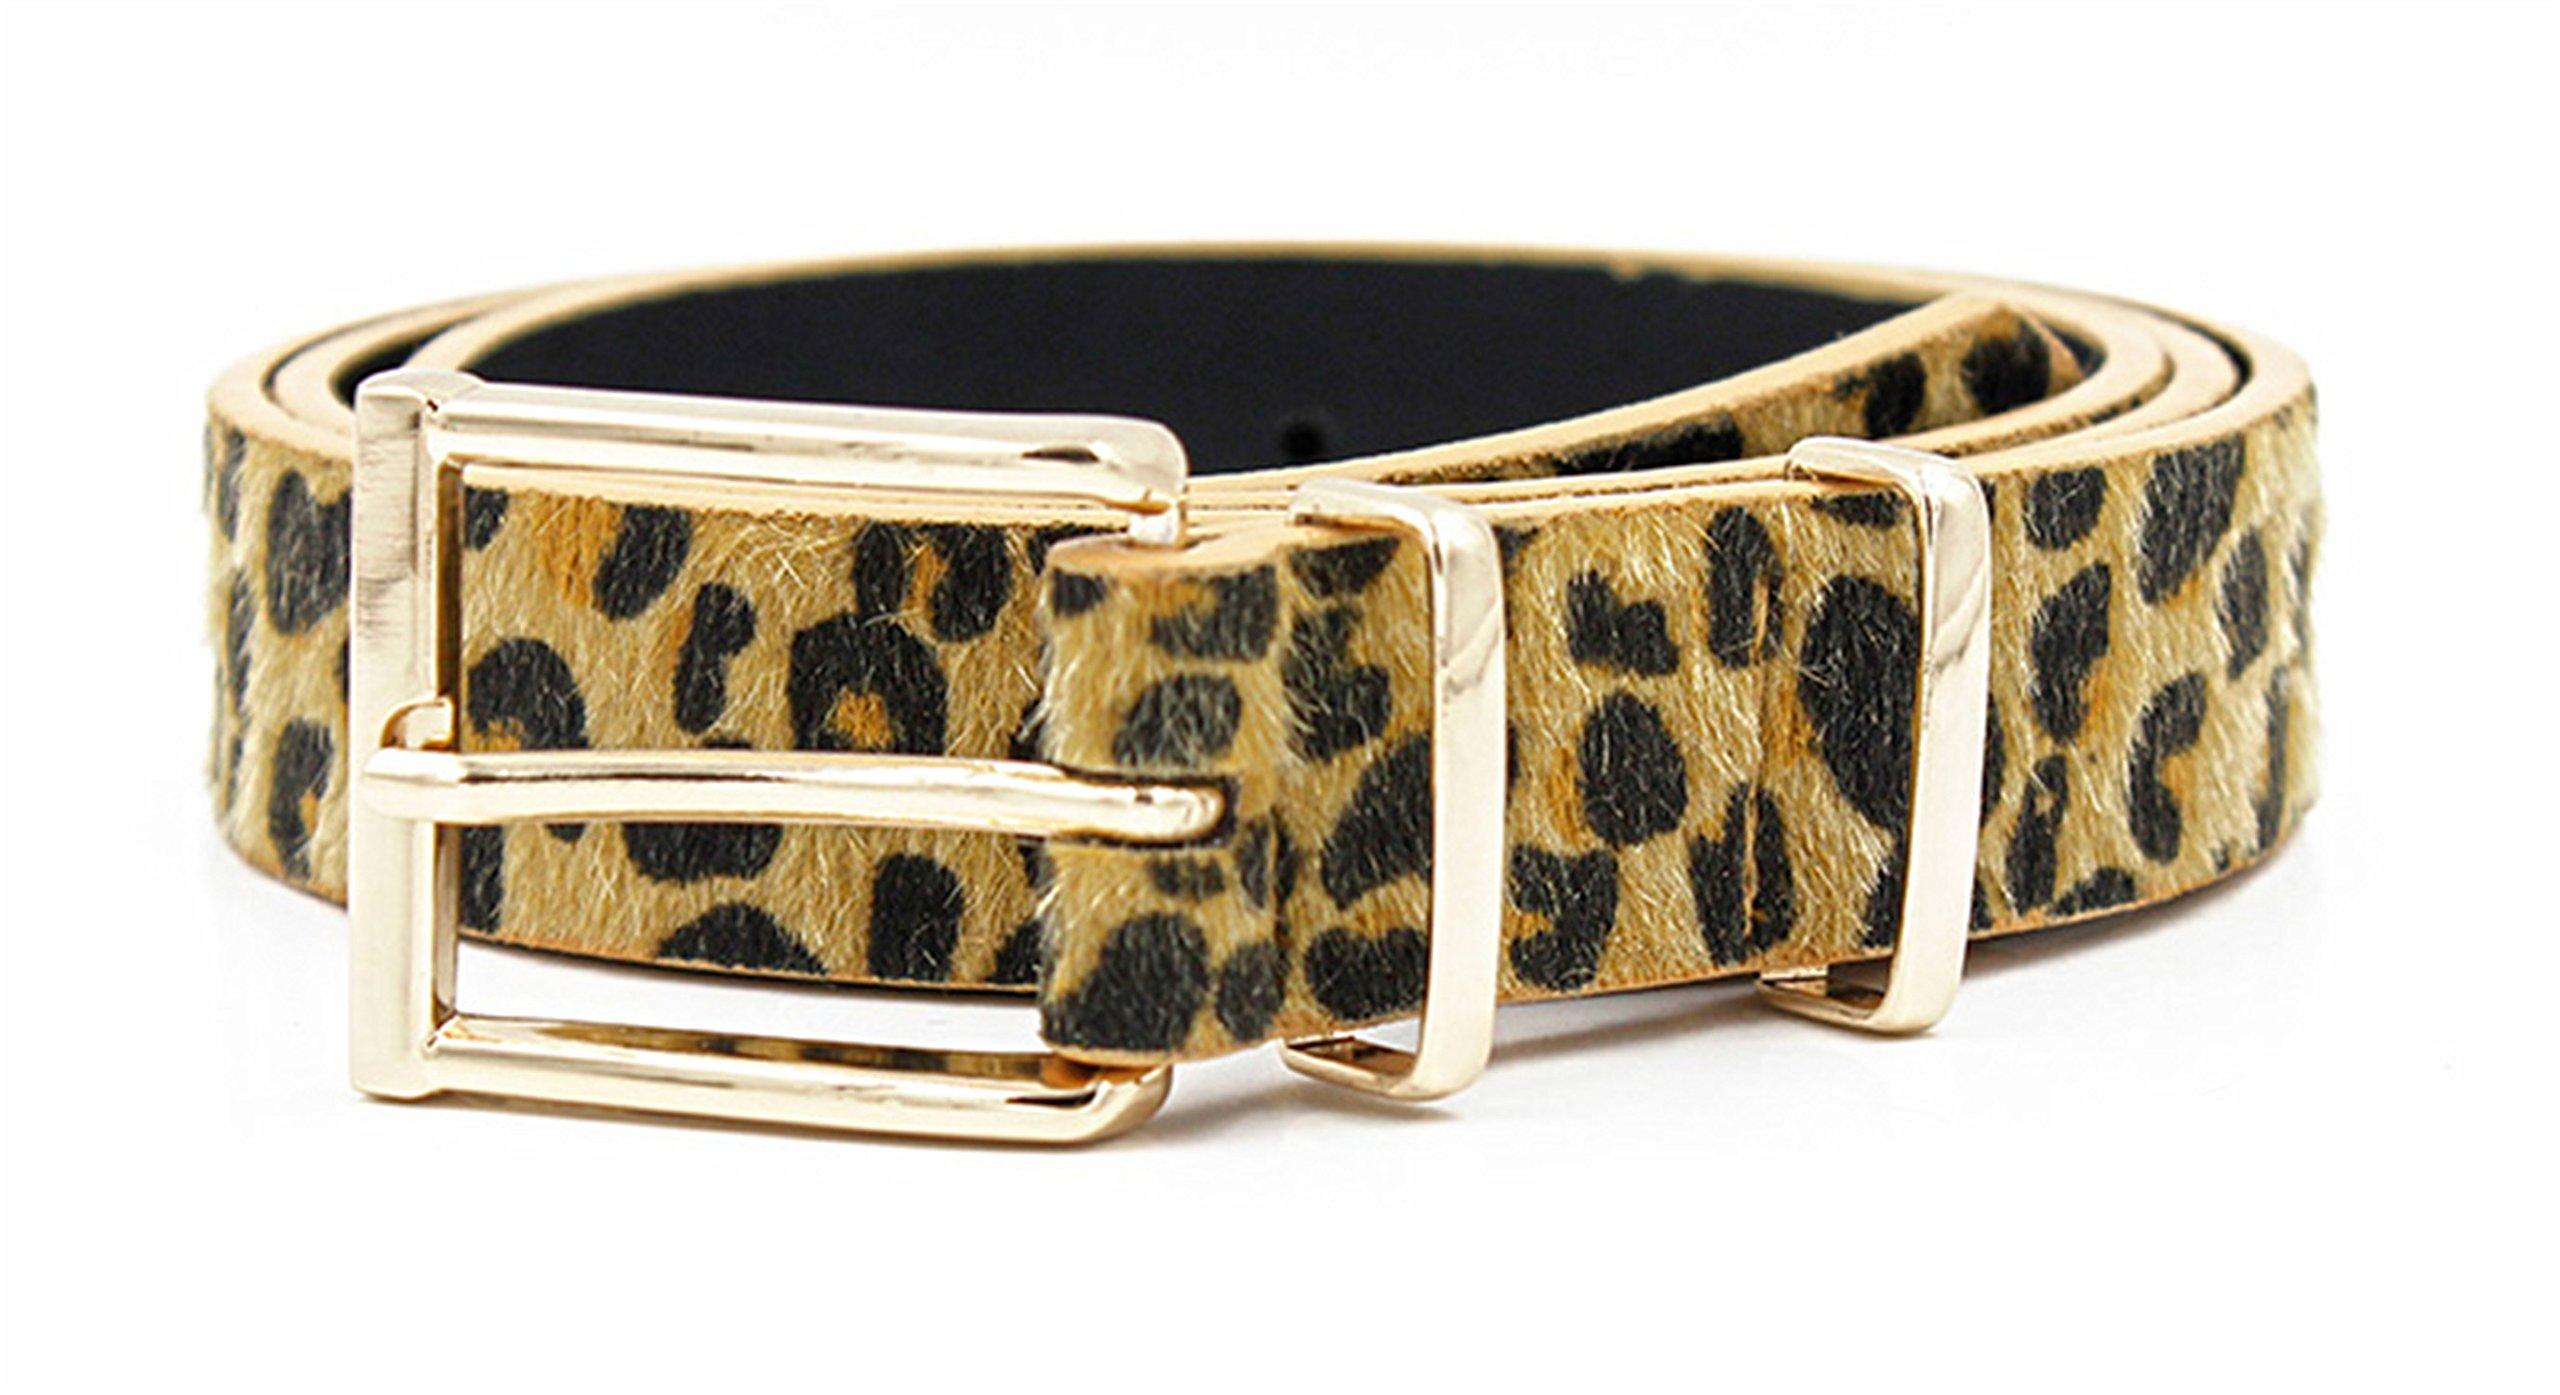 Reinhar Female Belt Cummerbund Women Horsehair Belt With Leopard Pattern Rose Gold Metal Buckle Women Pu Belt 125 CM Yellow Black 95cm